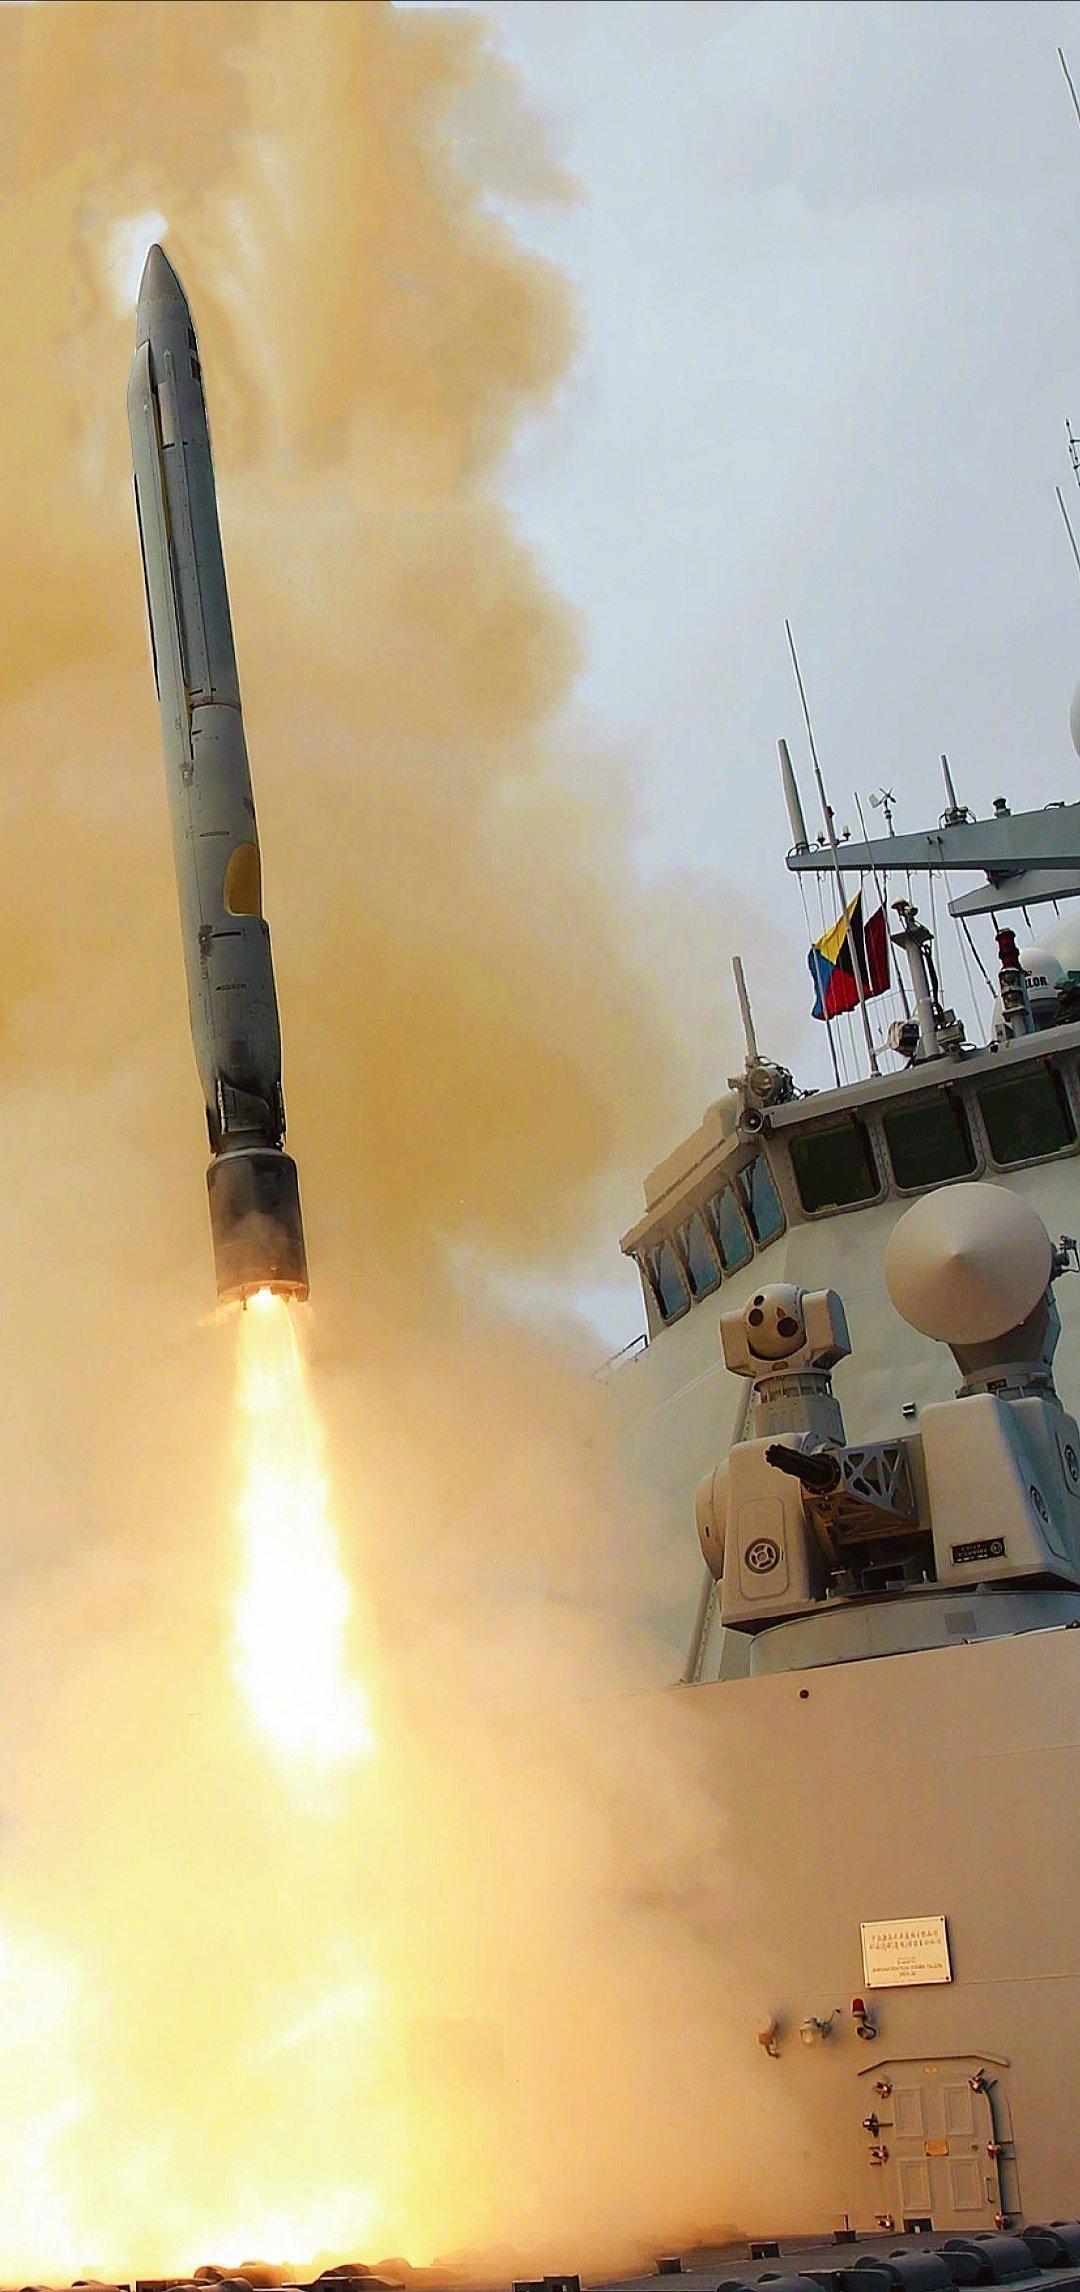 鹰击18挺没劲的,只是俄罗斯俱乐部仿制版?堪称完美版巡航导弹